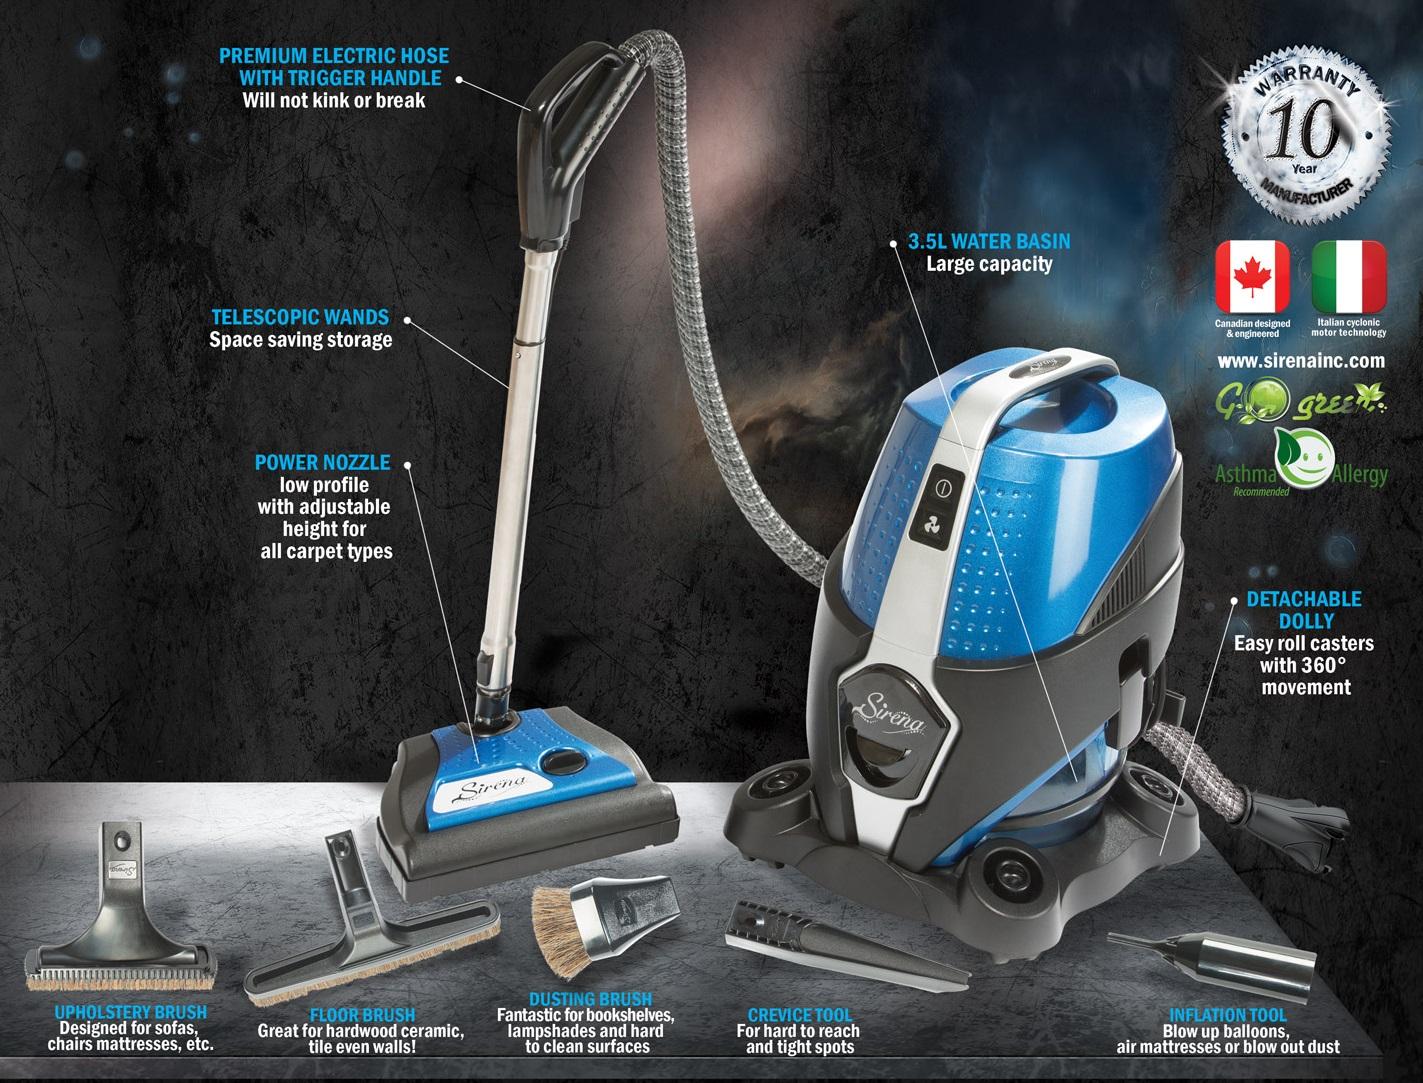 rainbow vacuum how to put the air freshener deodorizer